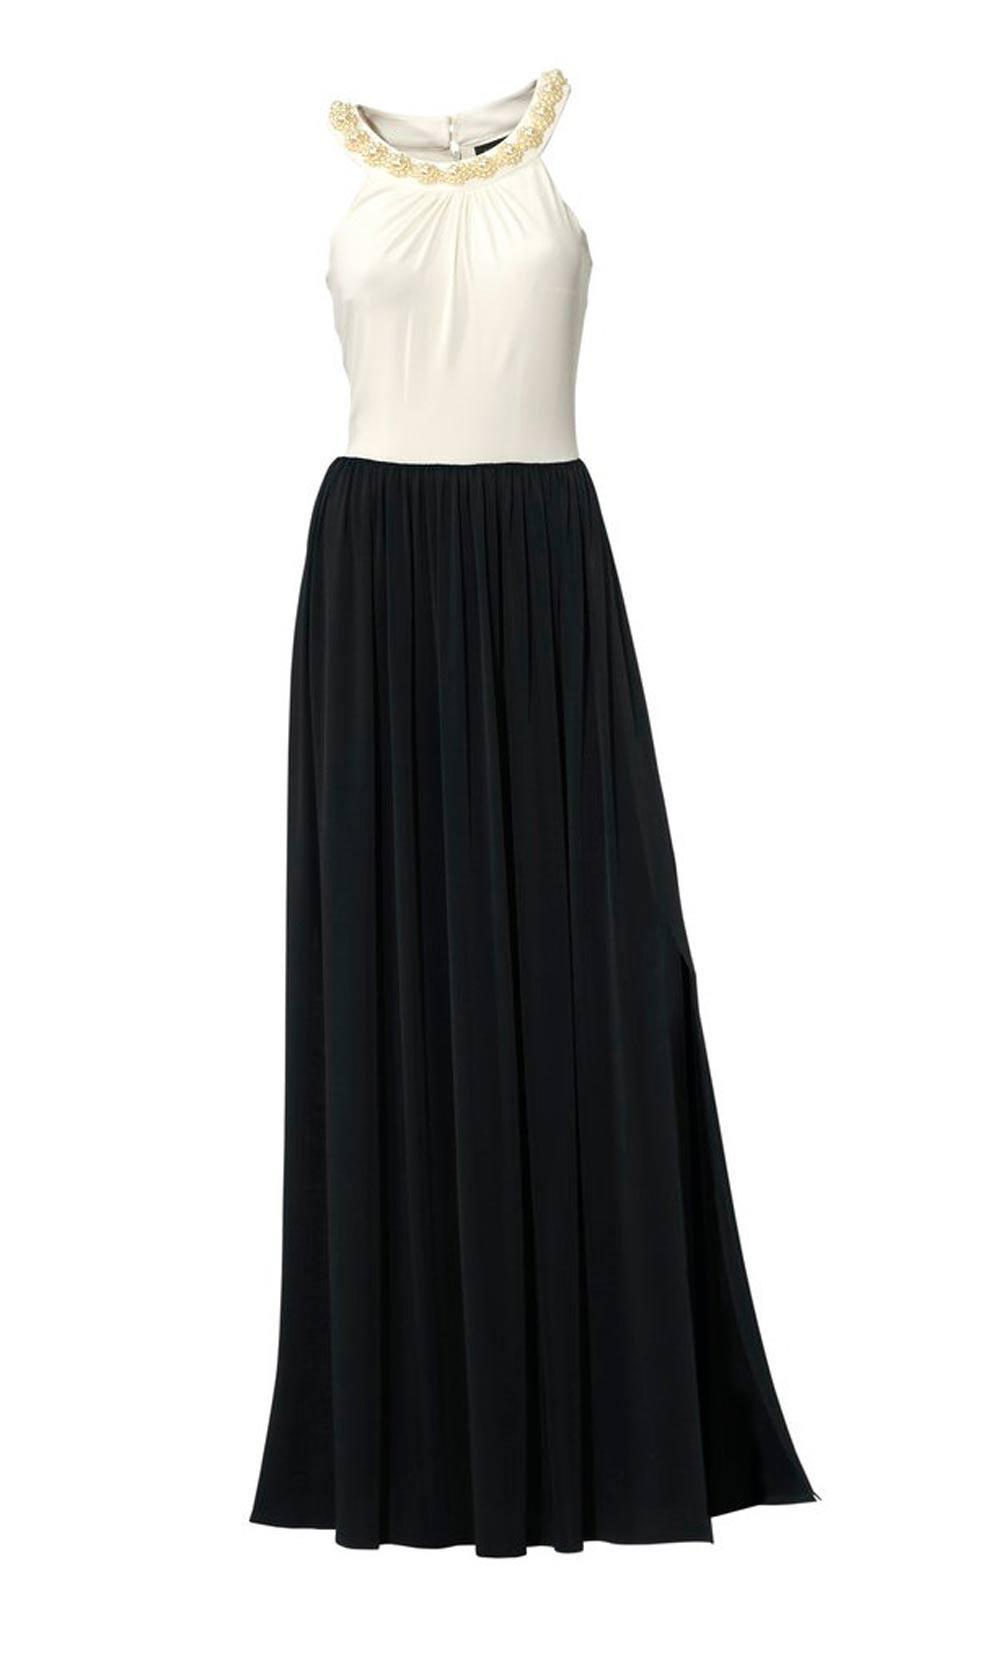 Designer-Abendkleid mit Perlen schwarz-weiß | Abendmode ...